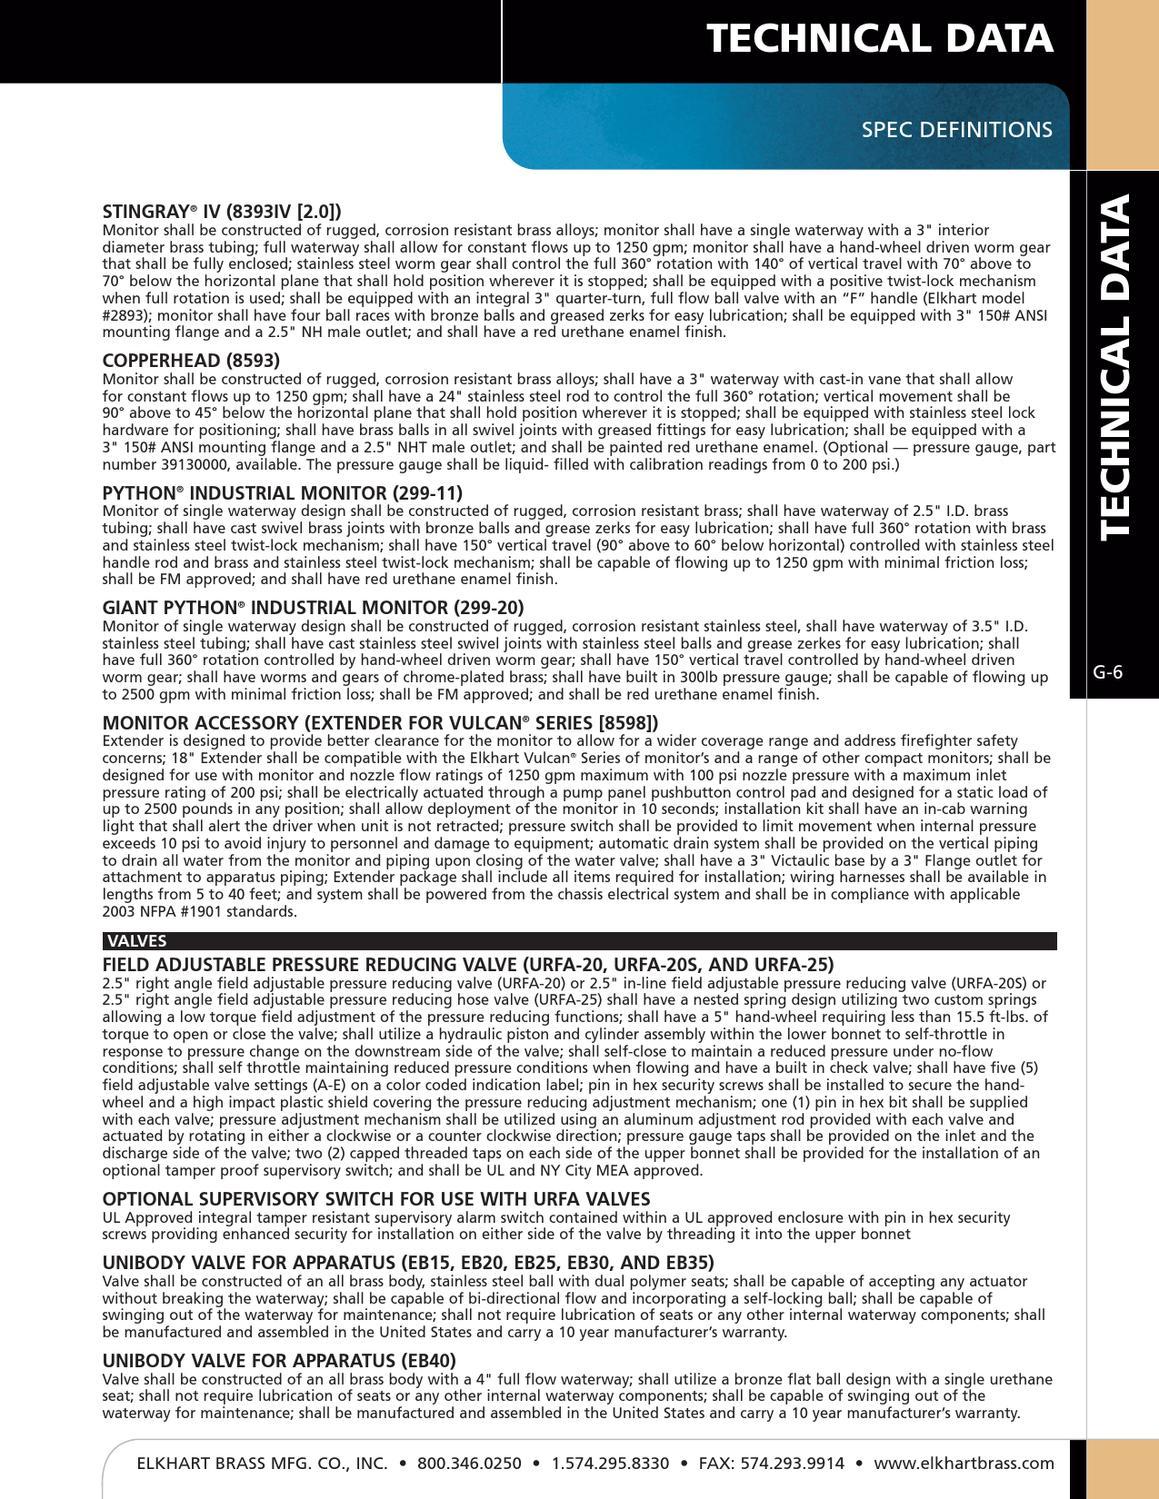 Elkhart Brass Fire Fighting Equipment Full Line Catalog 2012